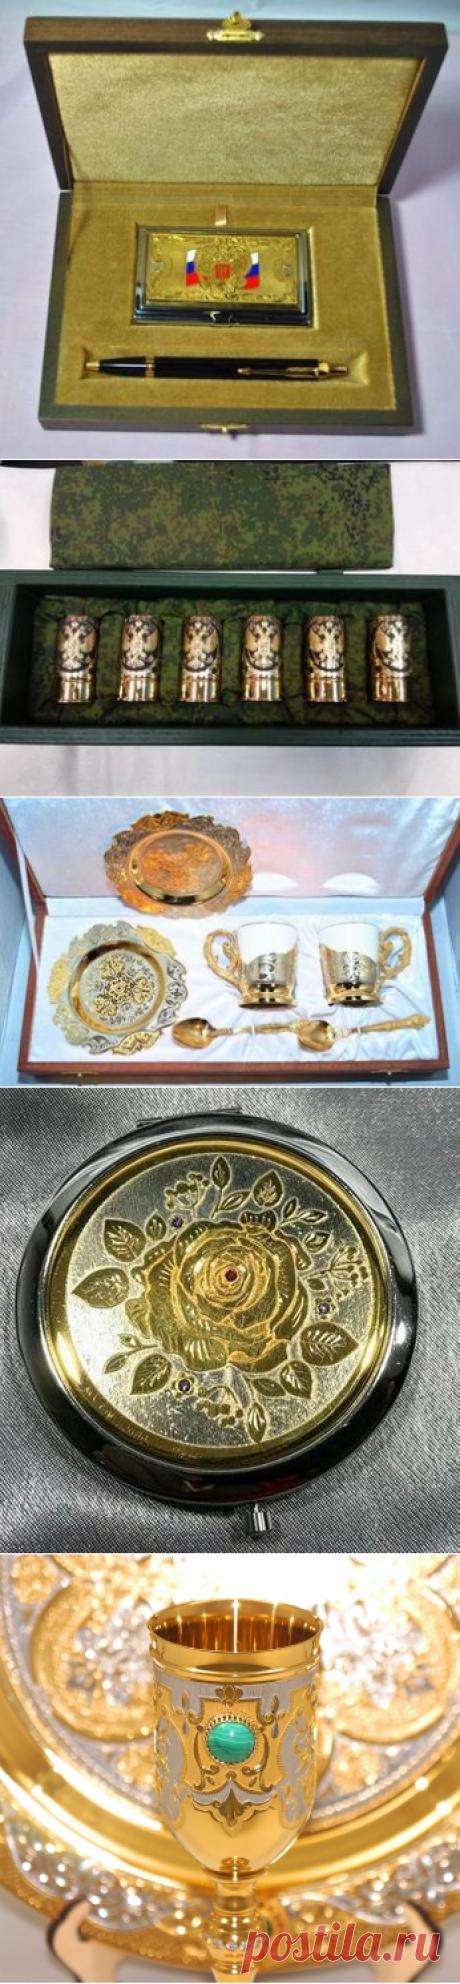 Элитные сувениры Златоуста в Москве